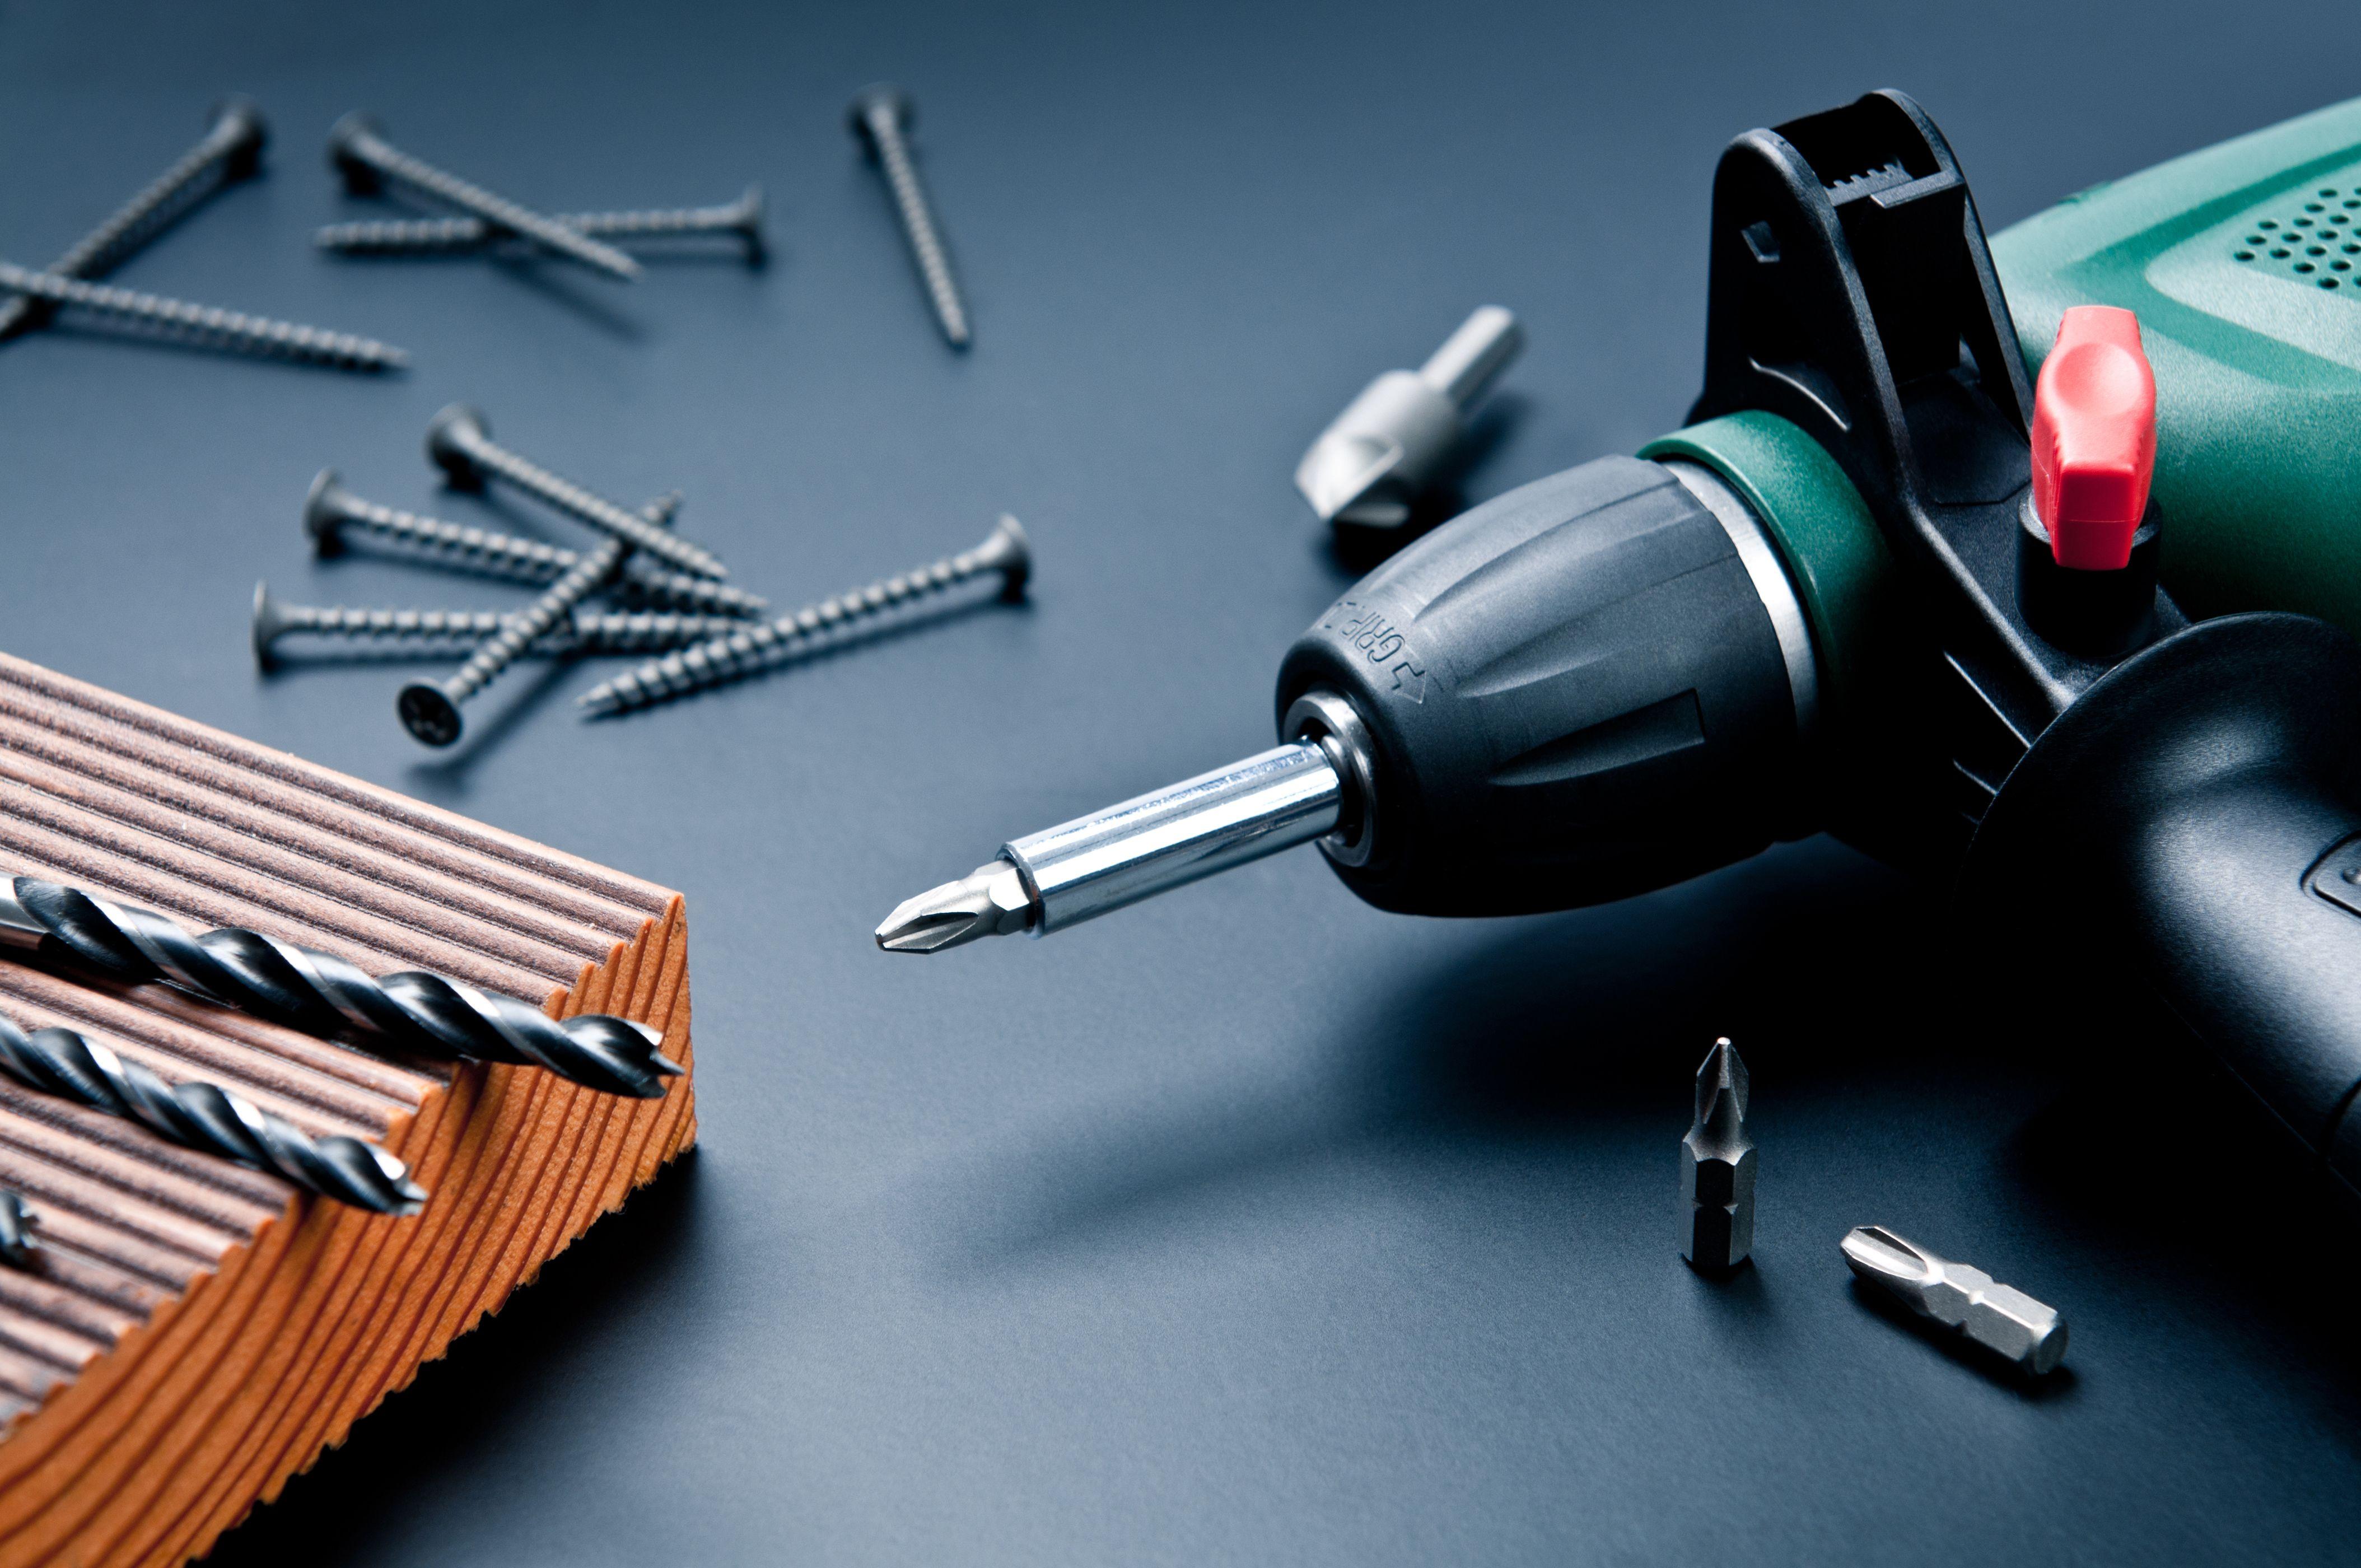 Venta de material de construcción y herramientas en Peñafiel